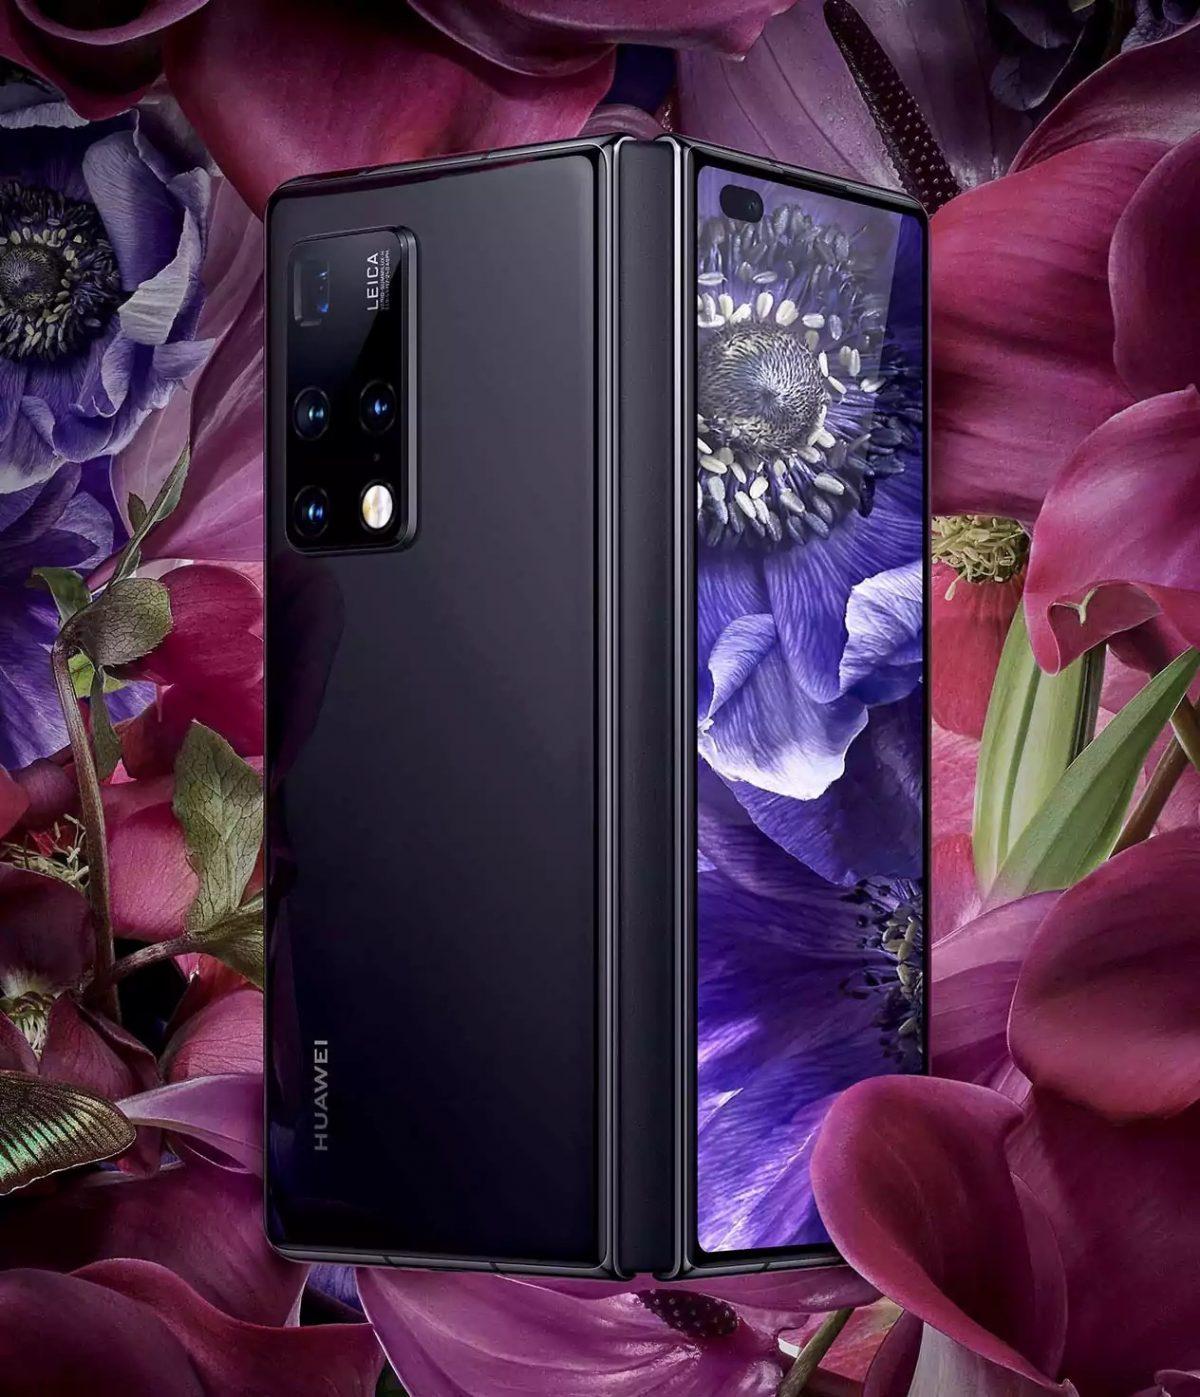 Новый складной смартфон Huawei Mate X2 продают почти за 500 тысяч рублей